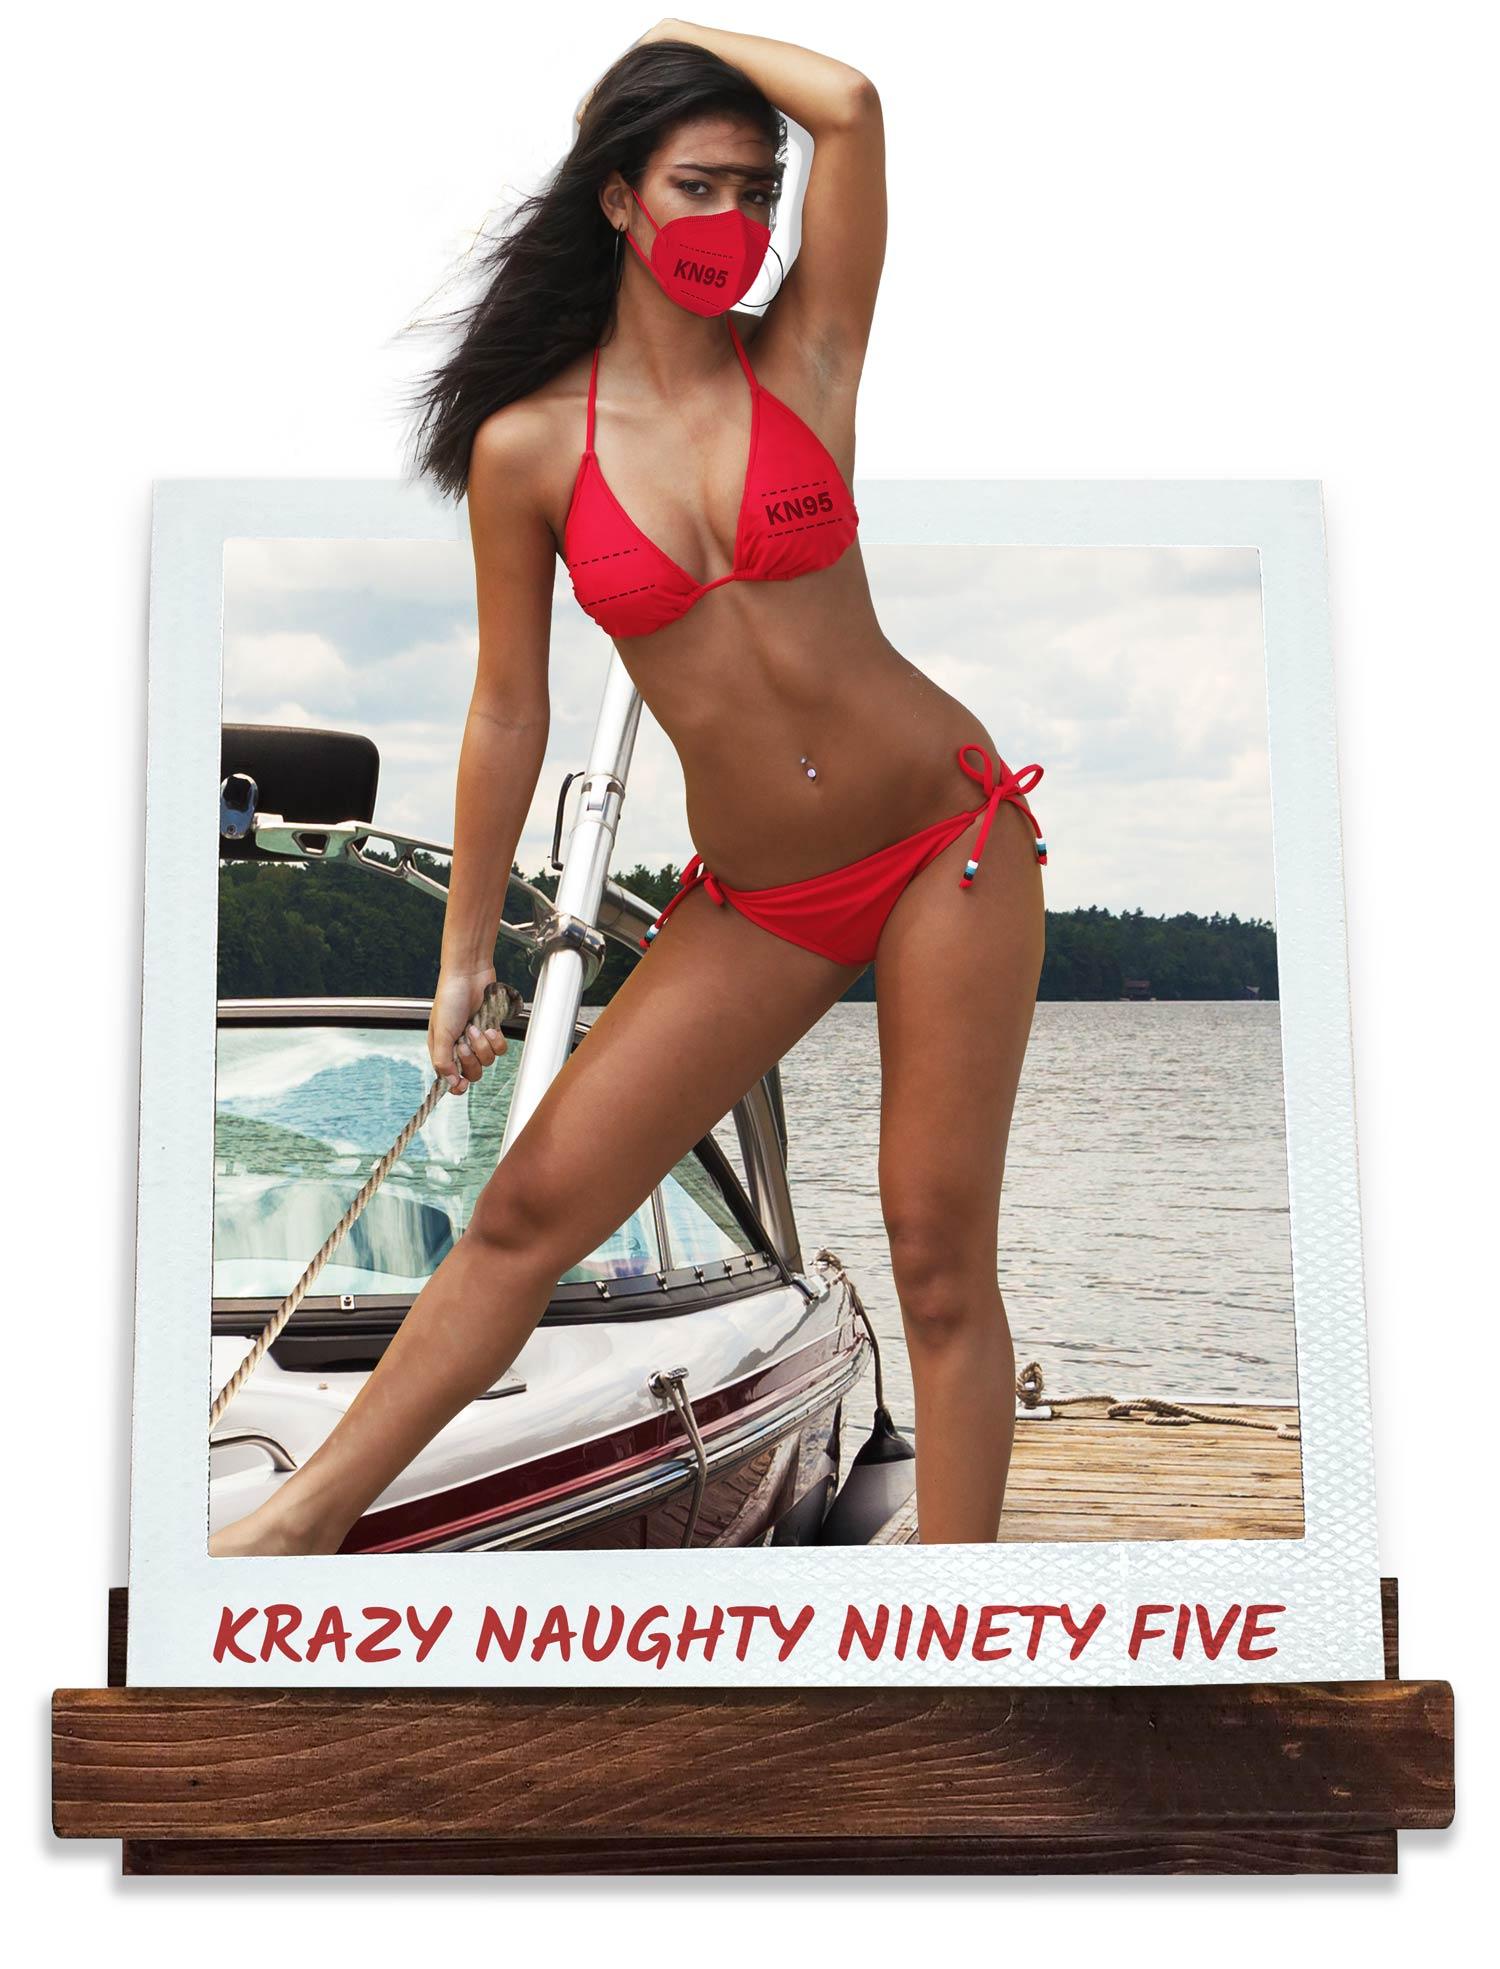 Women wearing N-Ninety Fire Bikini sitting on pool ledge.